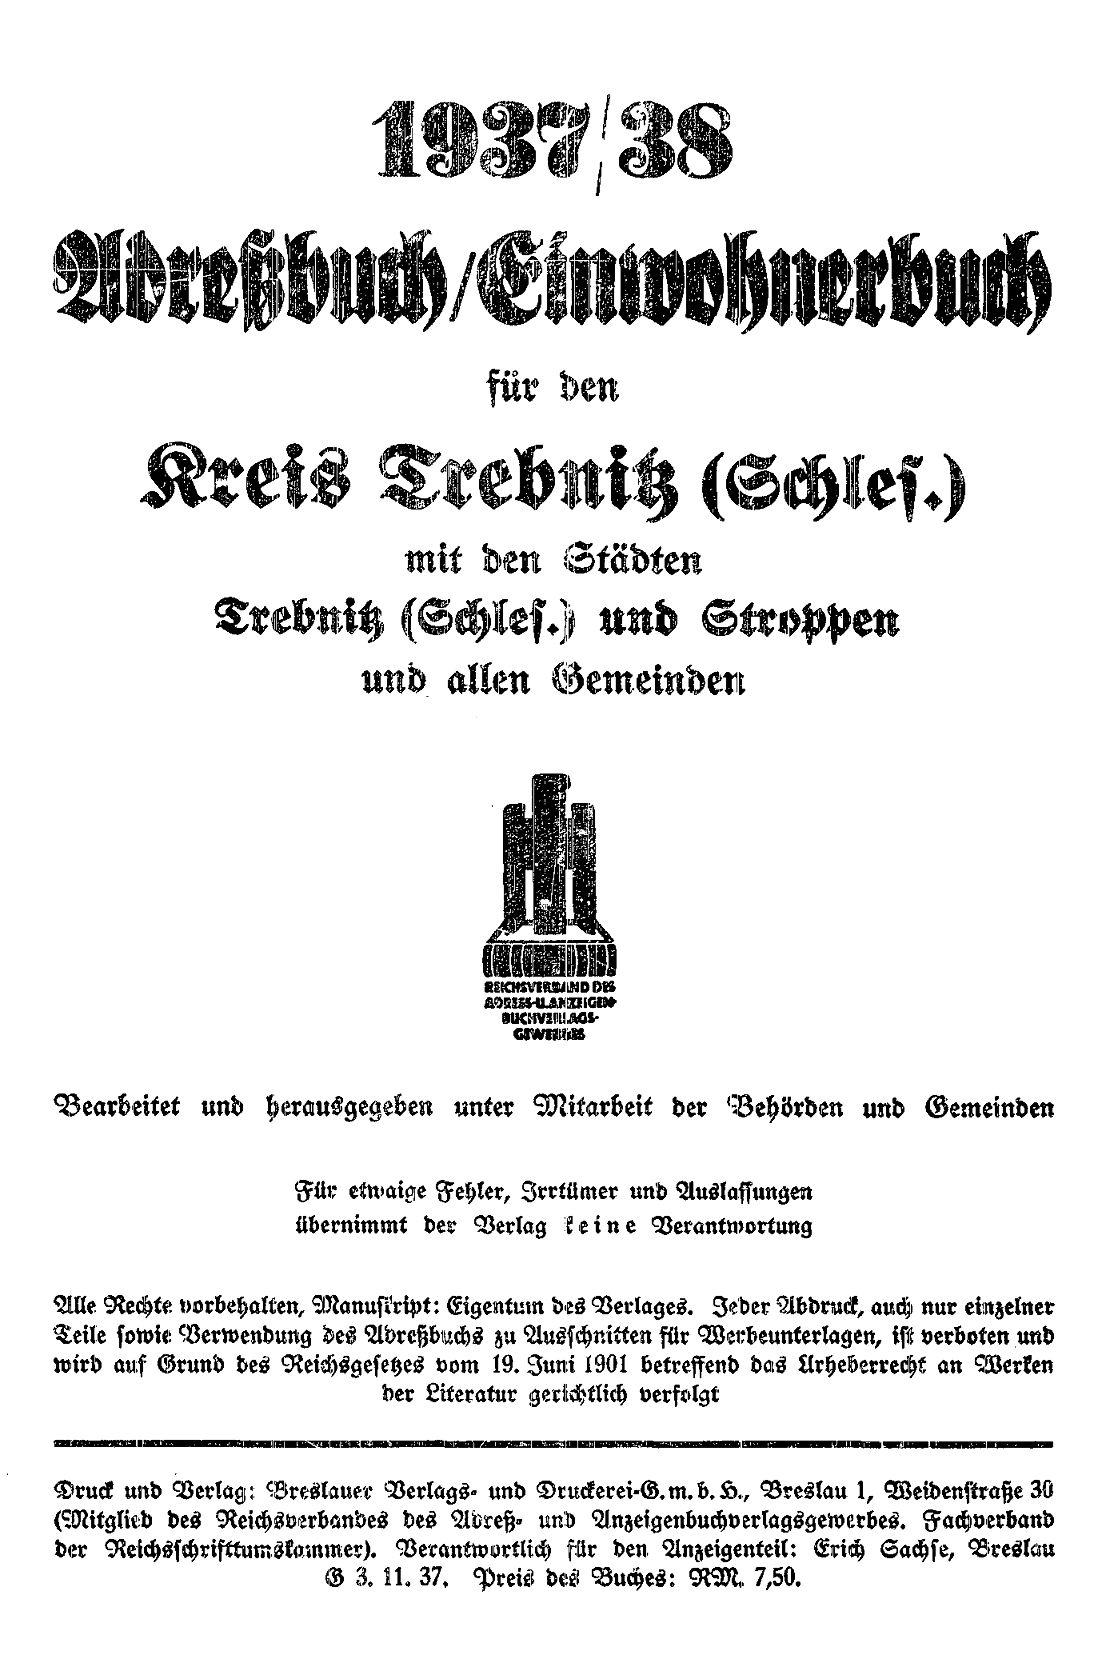 Adreßbuch/Einwohnerbuch für den Kreis Trebnitz 1937/38